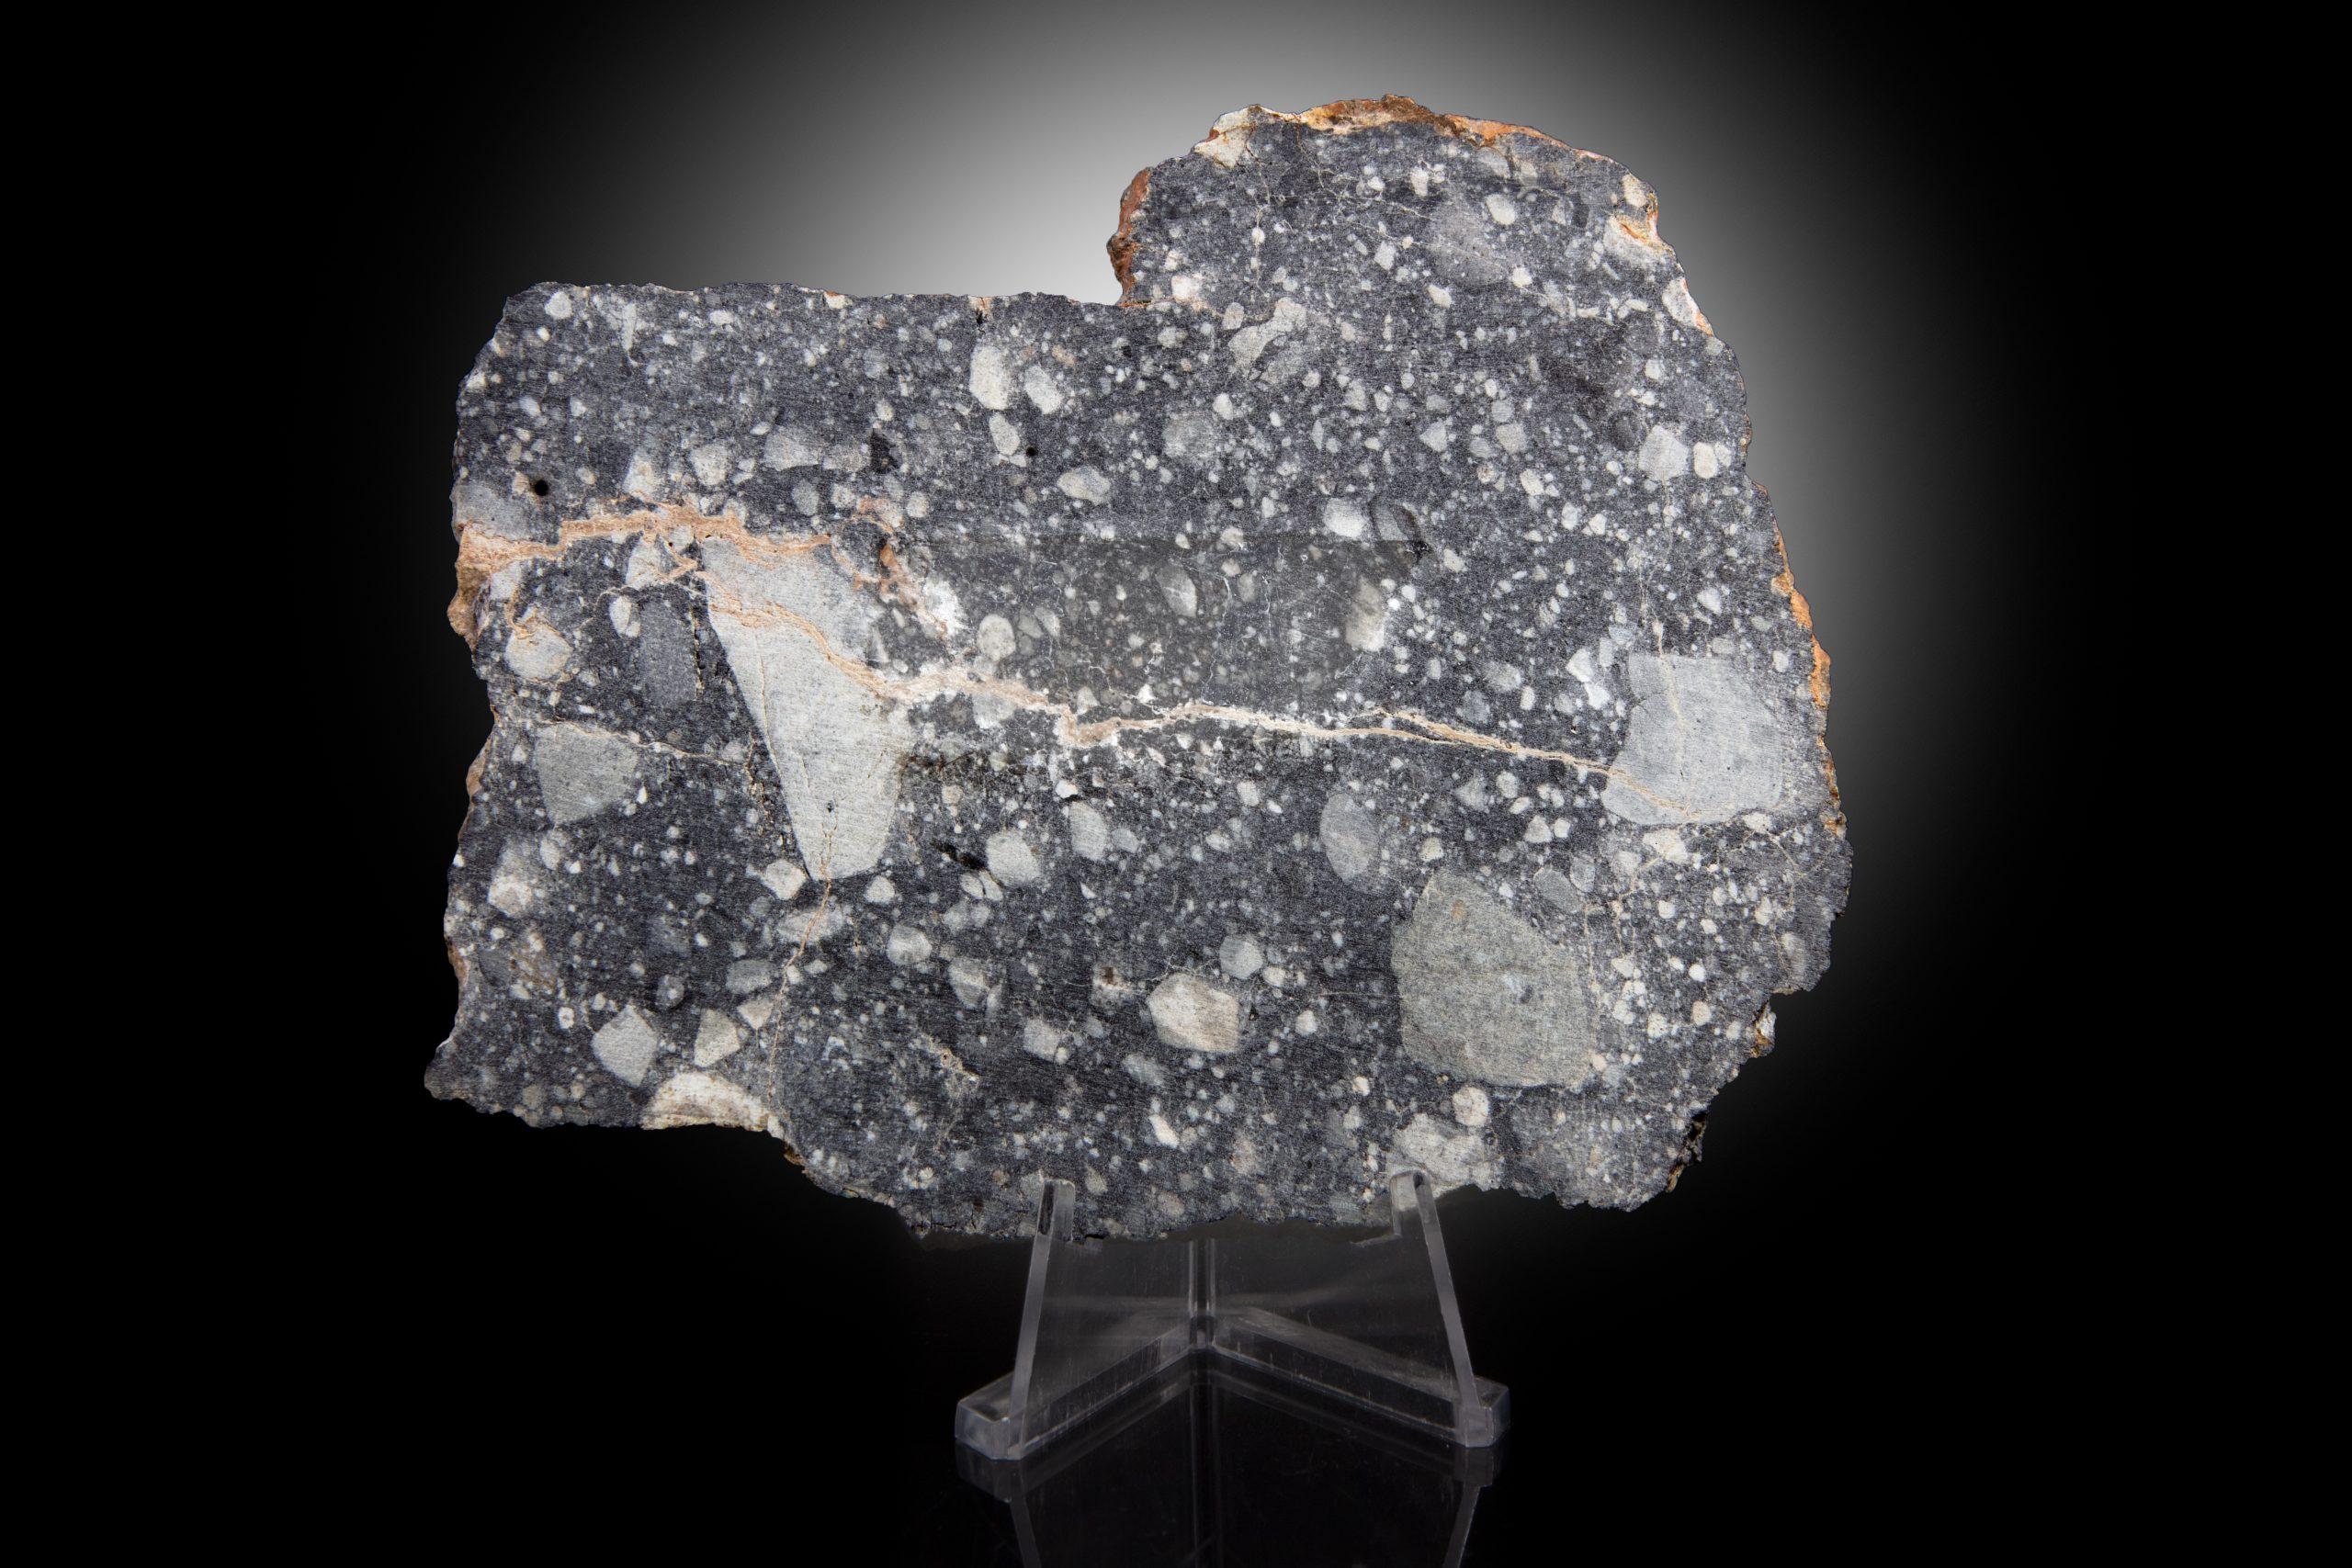 lunar meteorite 83g 2